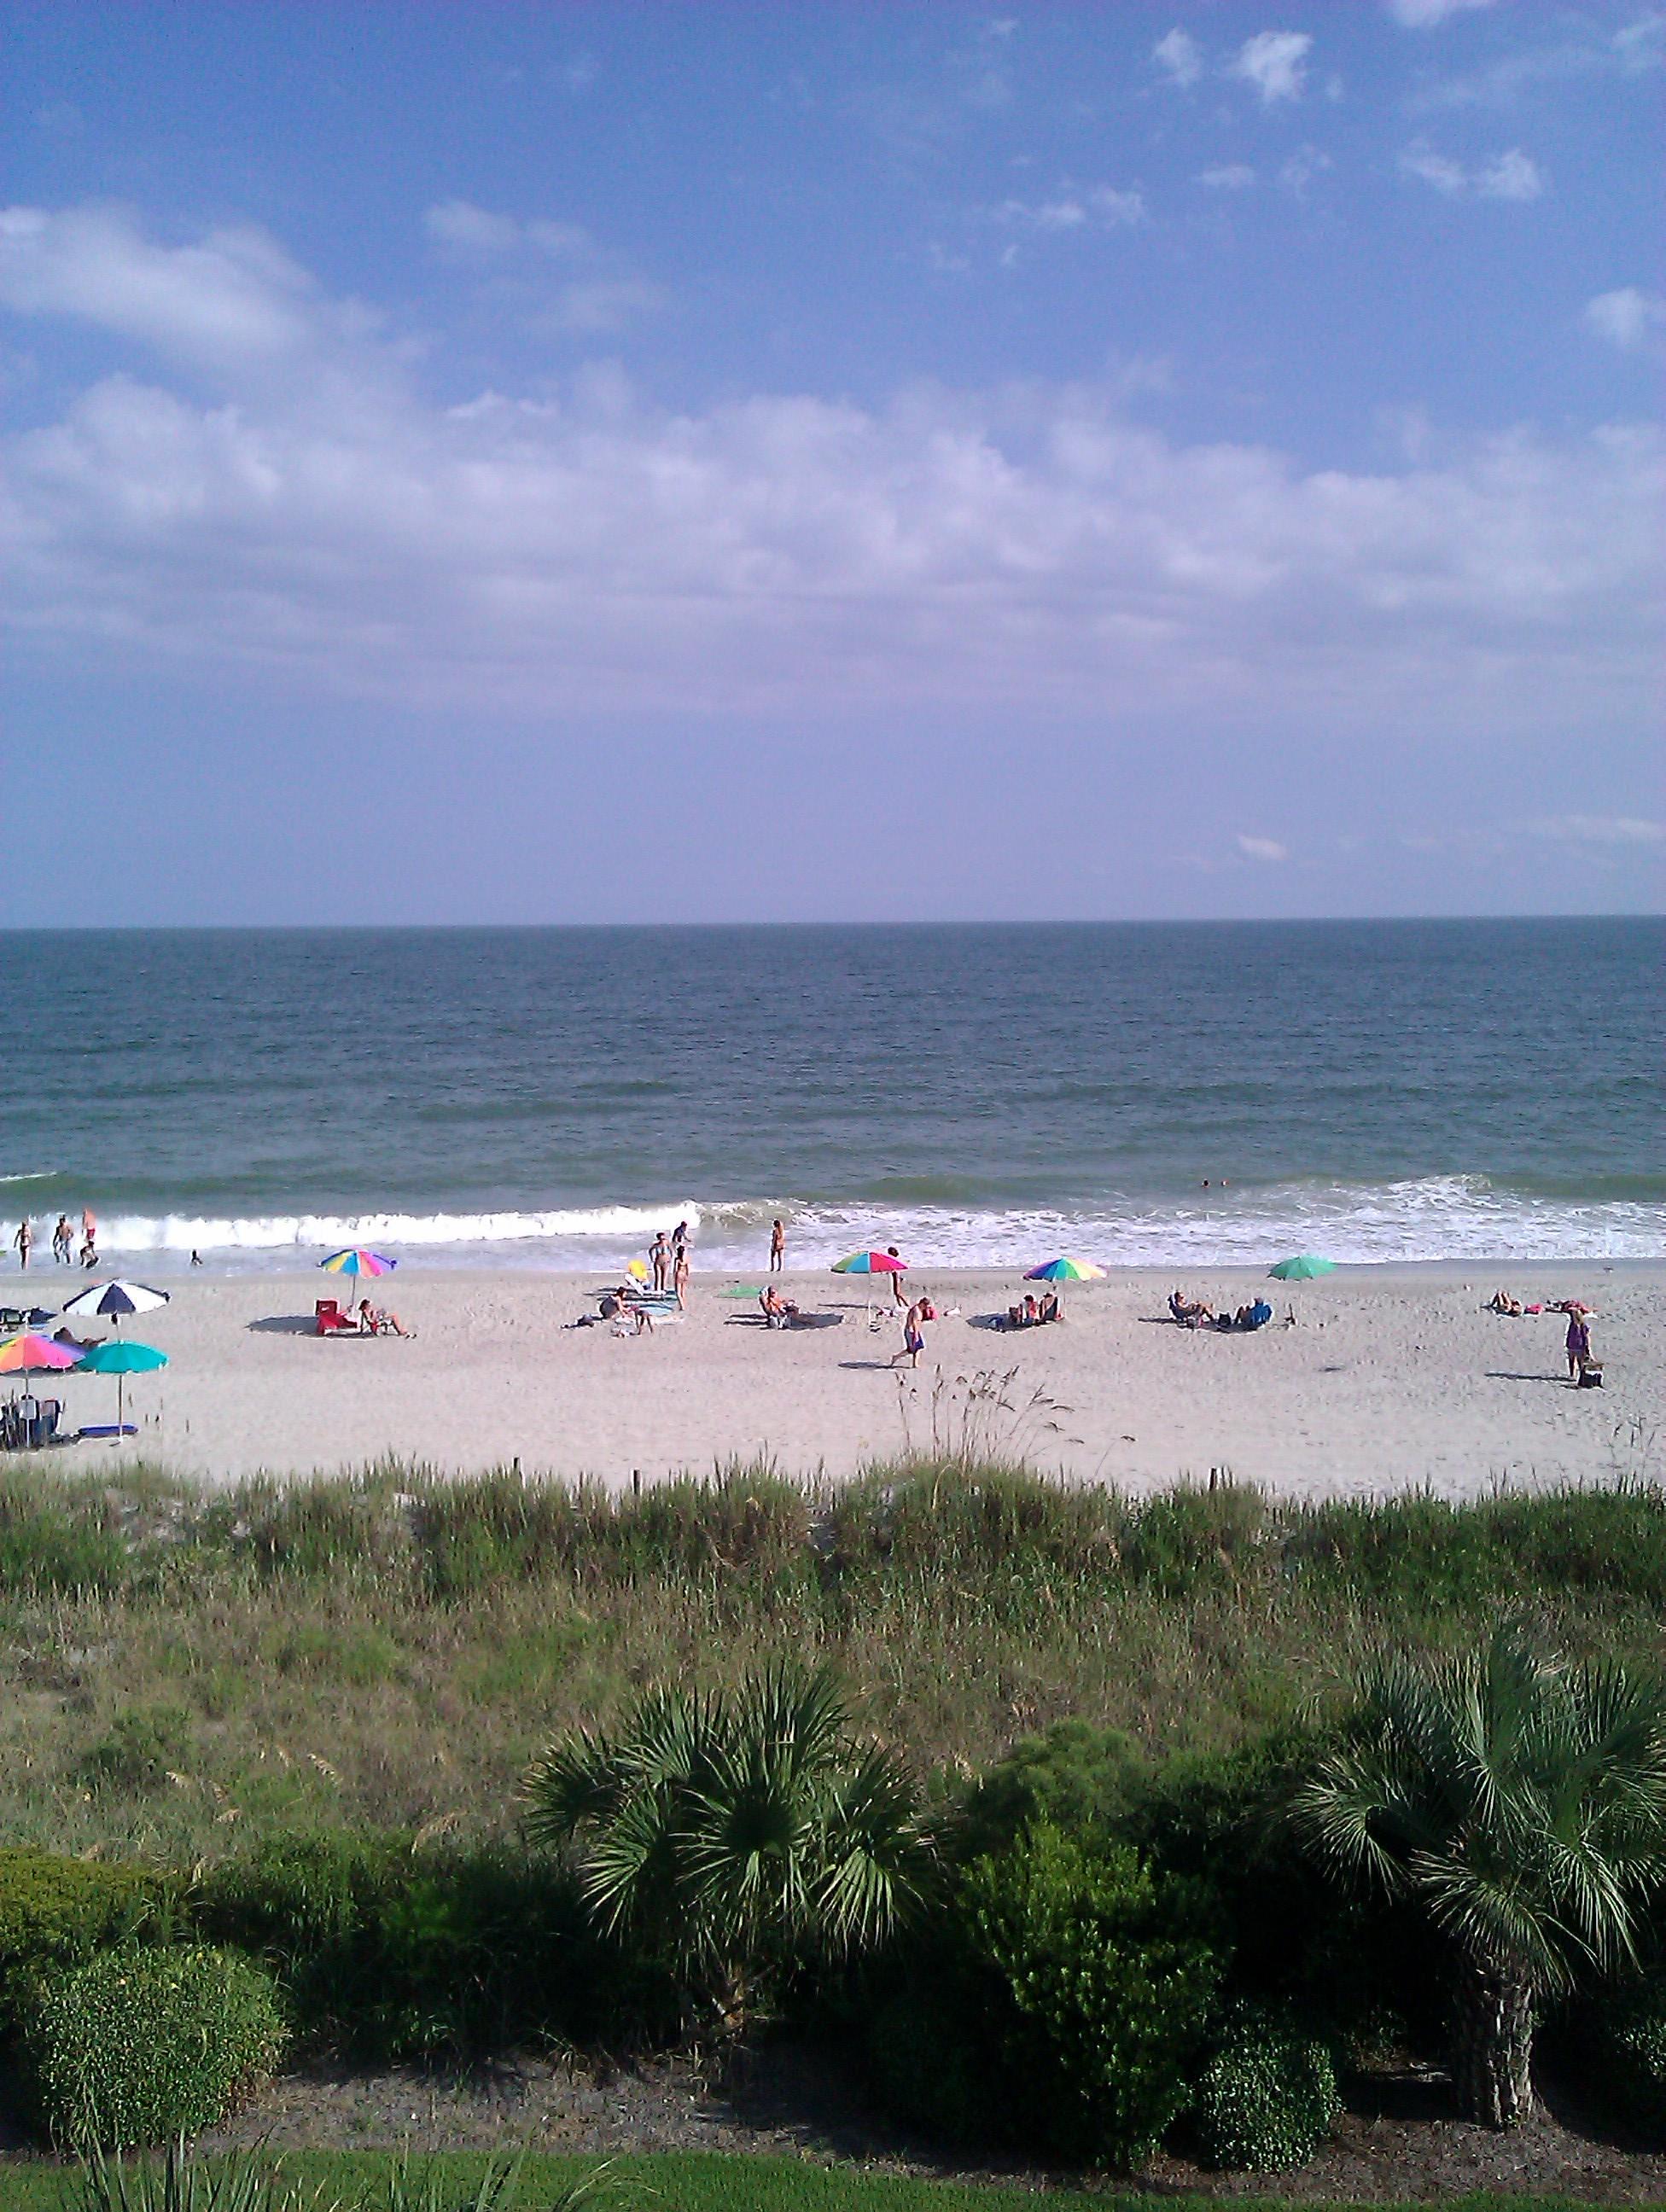 At the Beach, Beach, HQ Photo